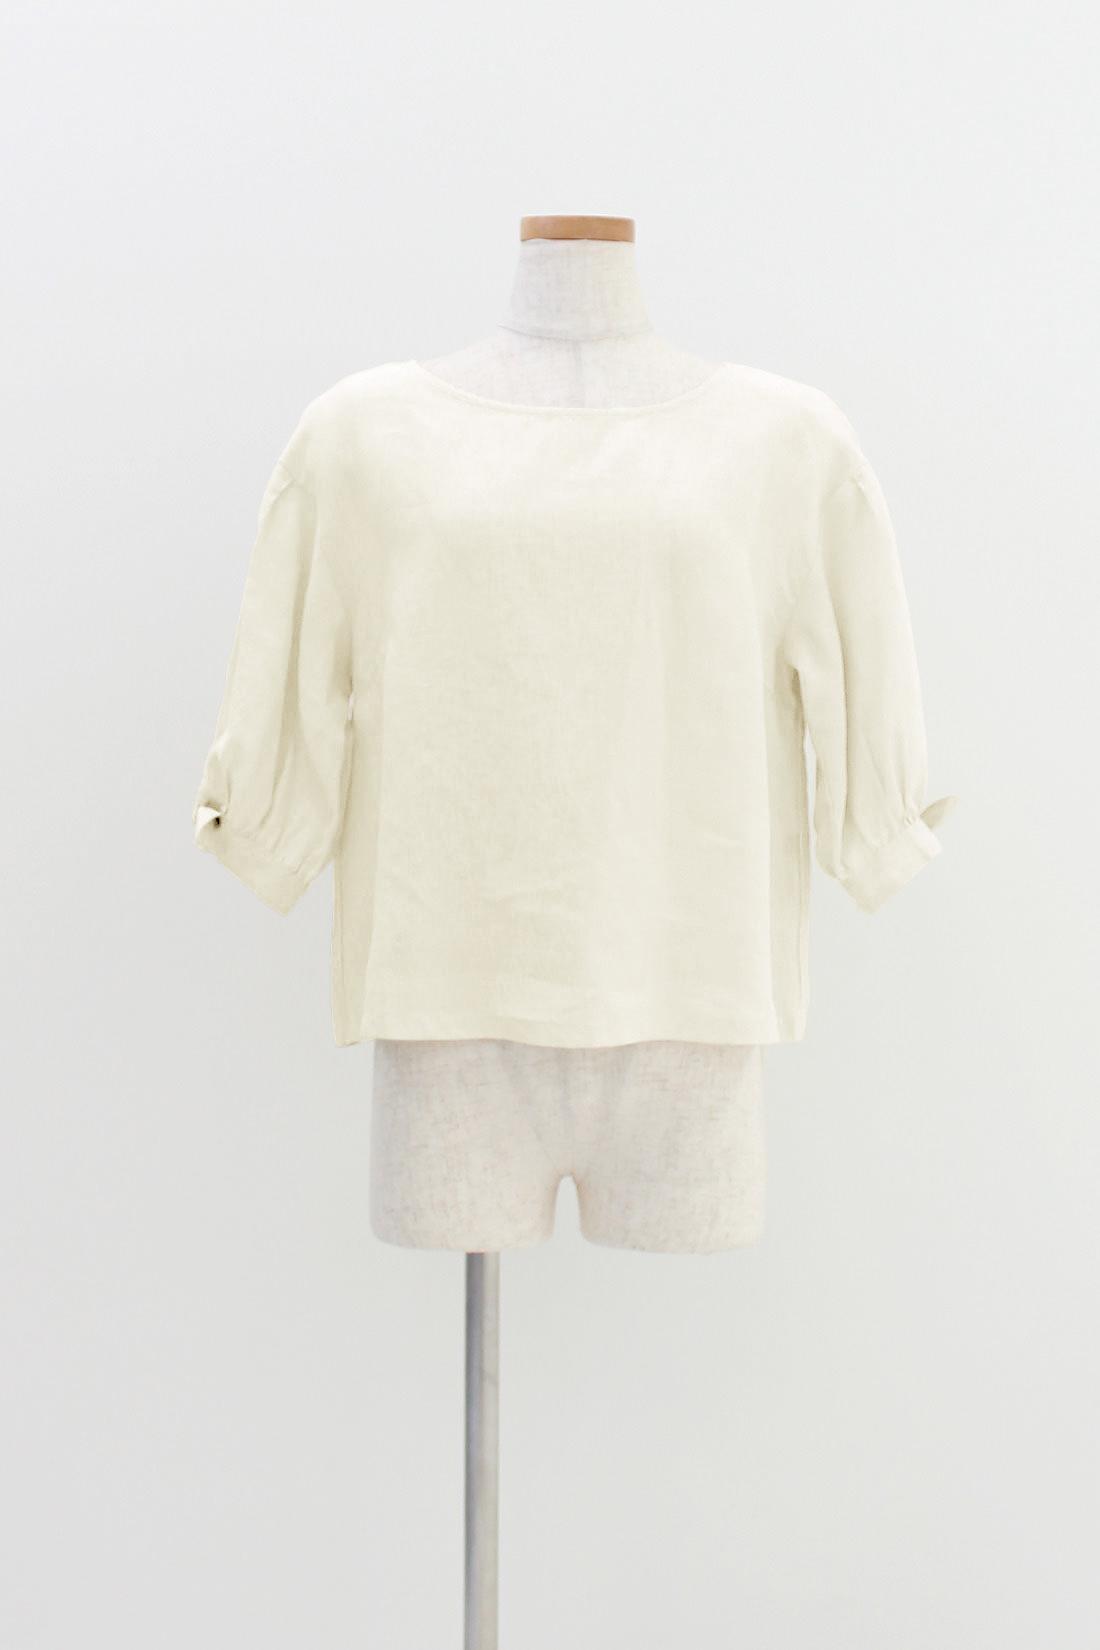 [キナリ]少し短め丈&身幅広めのゆるシルエット。袖のリボンが、ほんのりガーリー。